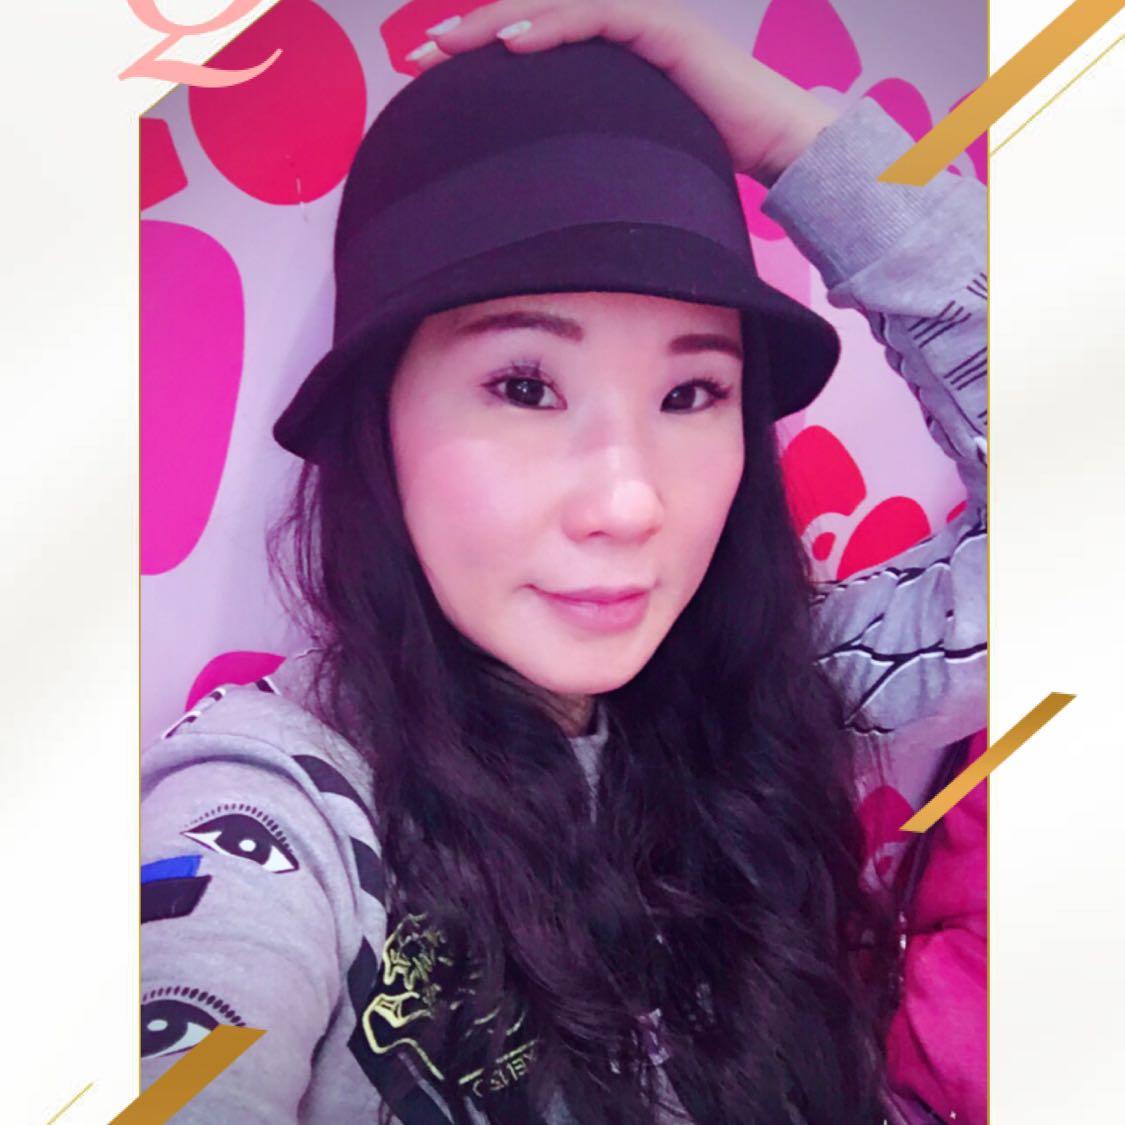 tsai.lin